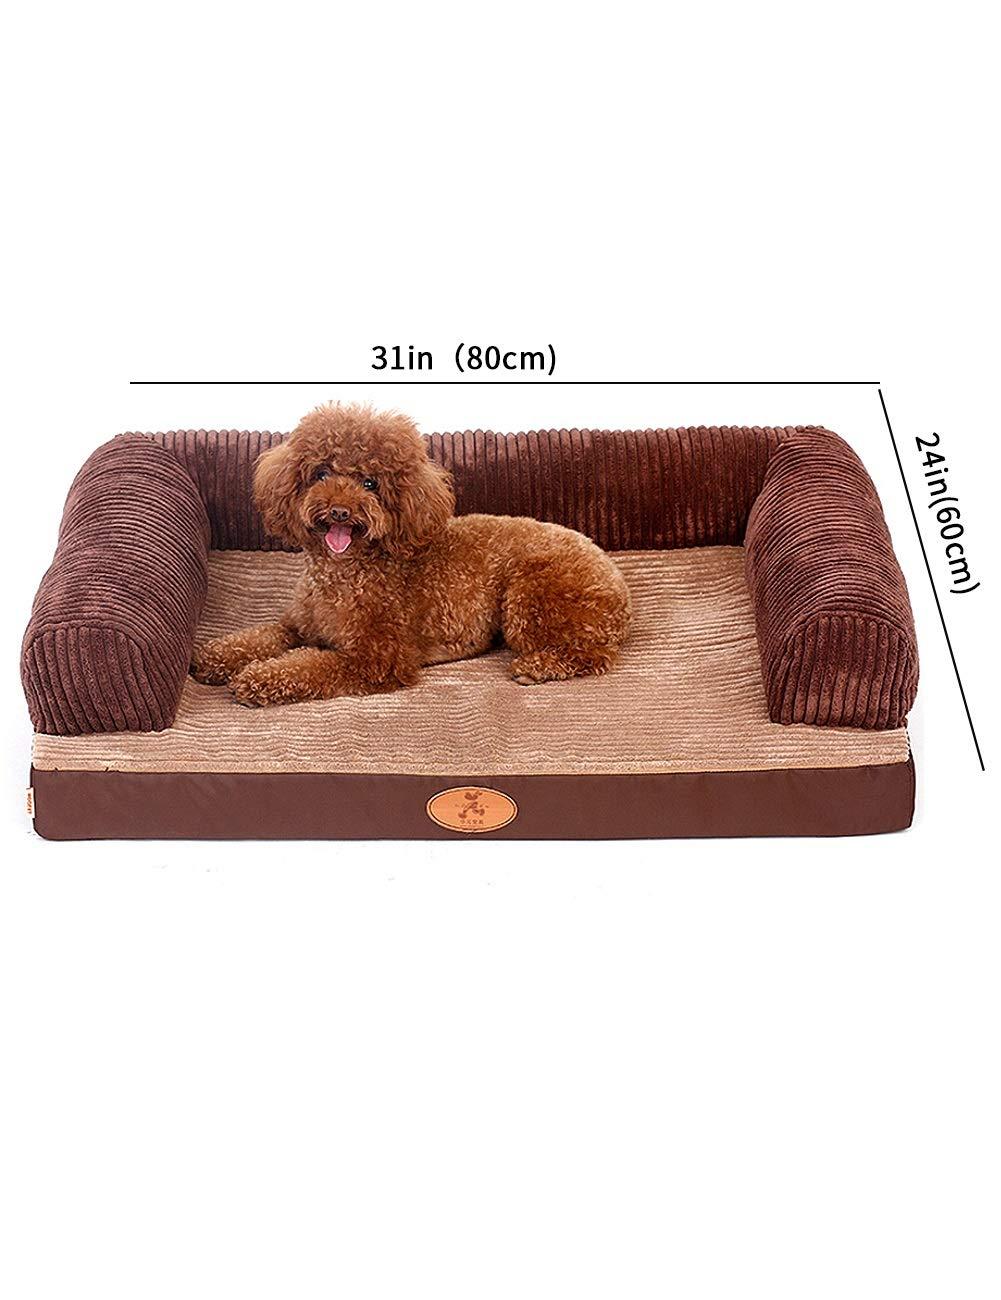 Amazon.com : ZYear Orthopedic Ultra Plush Sofa-Style Couch ...